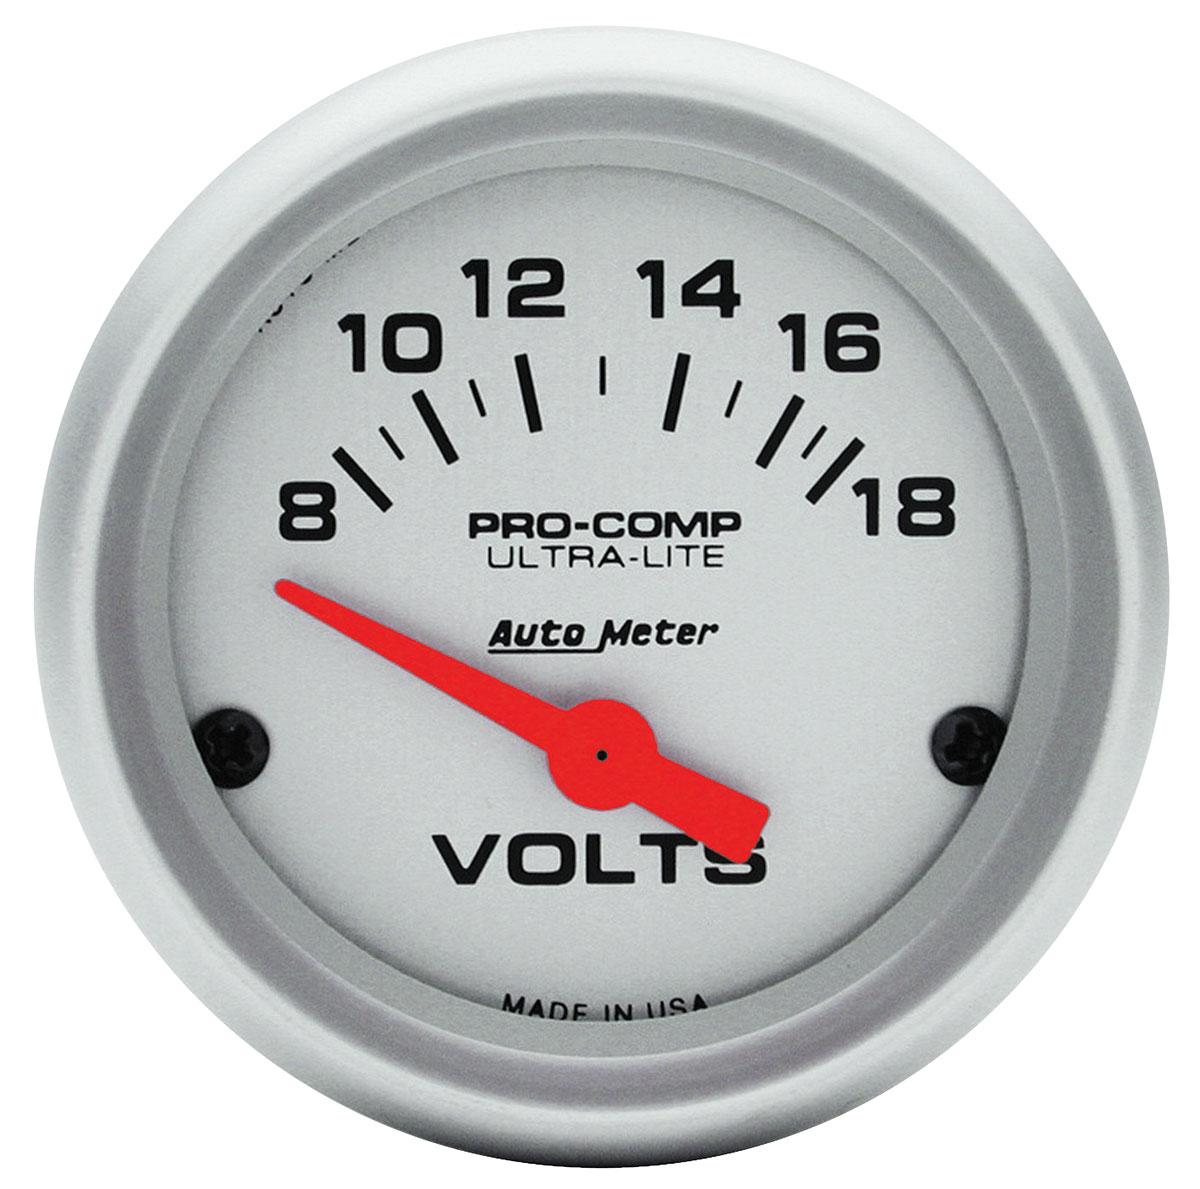 Gauge, Voltmeter, Auto Meter, Ultra Lite, 2